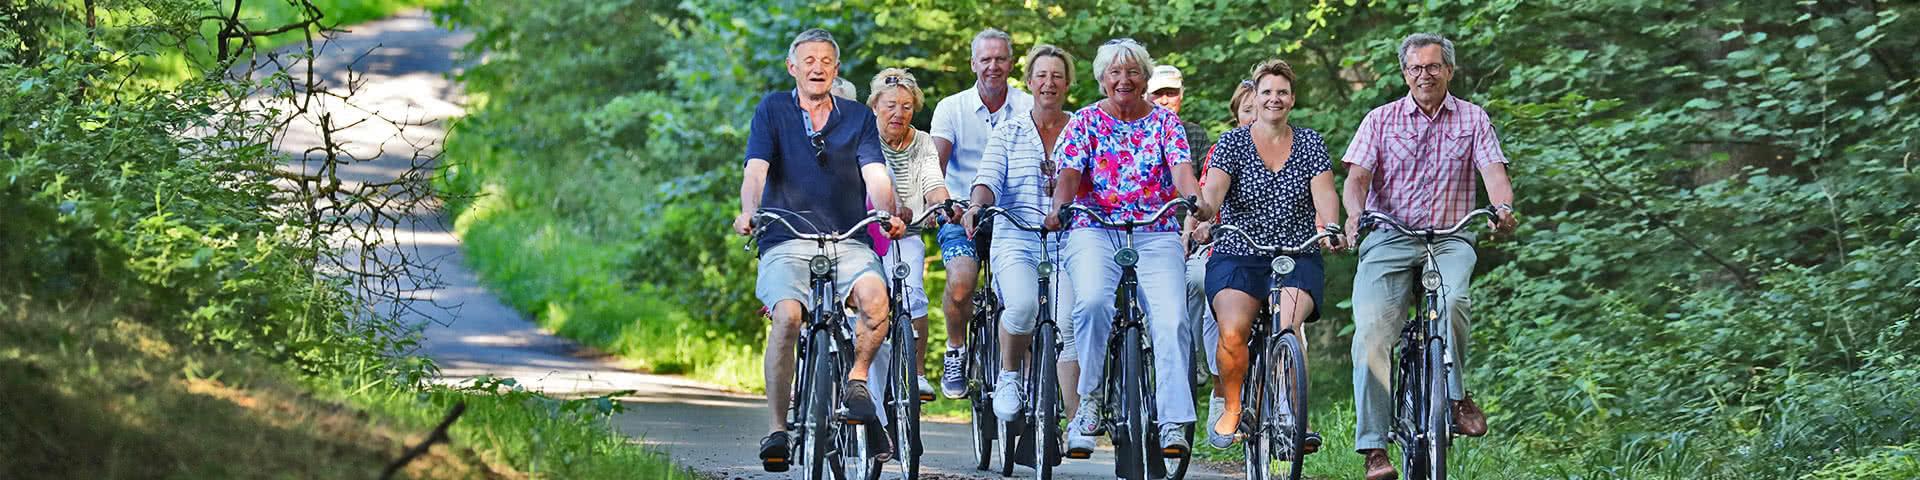 Eine Gruppe macht eine Fahrradtour durch einen Wald